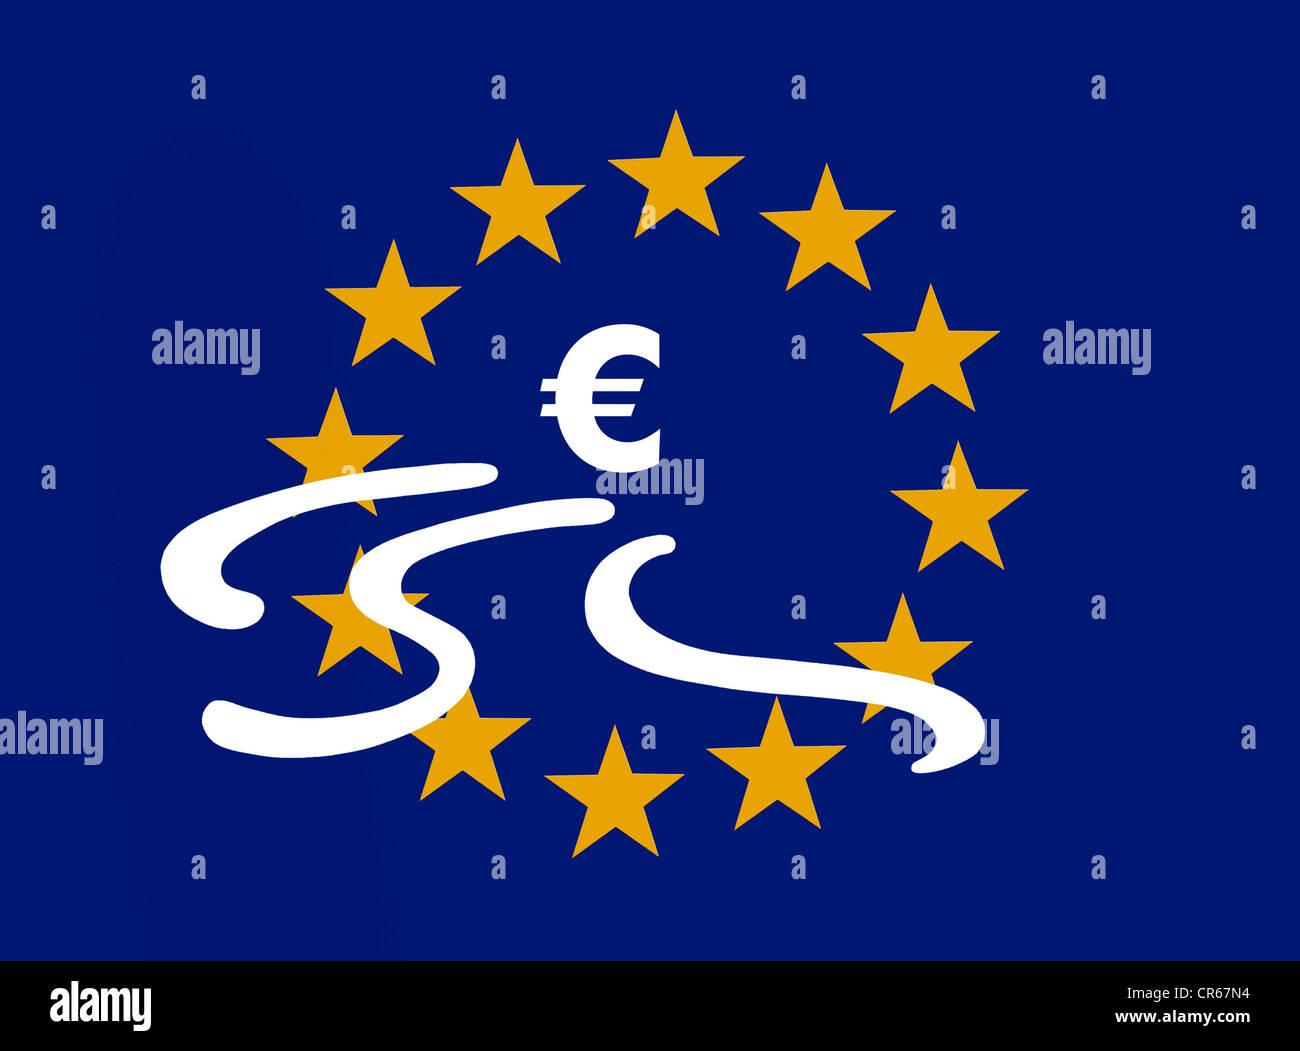 Symbole de l'euro avec marques de dérapage dans les 12 étoiles de l'Union européenne, l'image Photo Stock